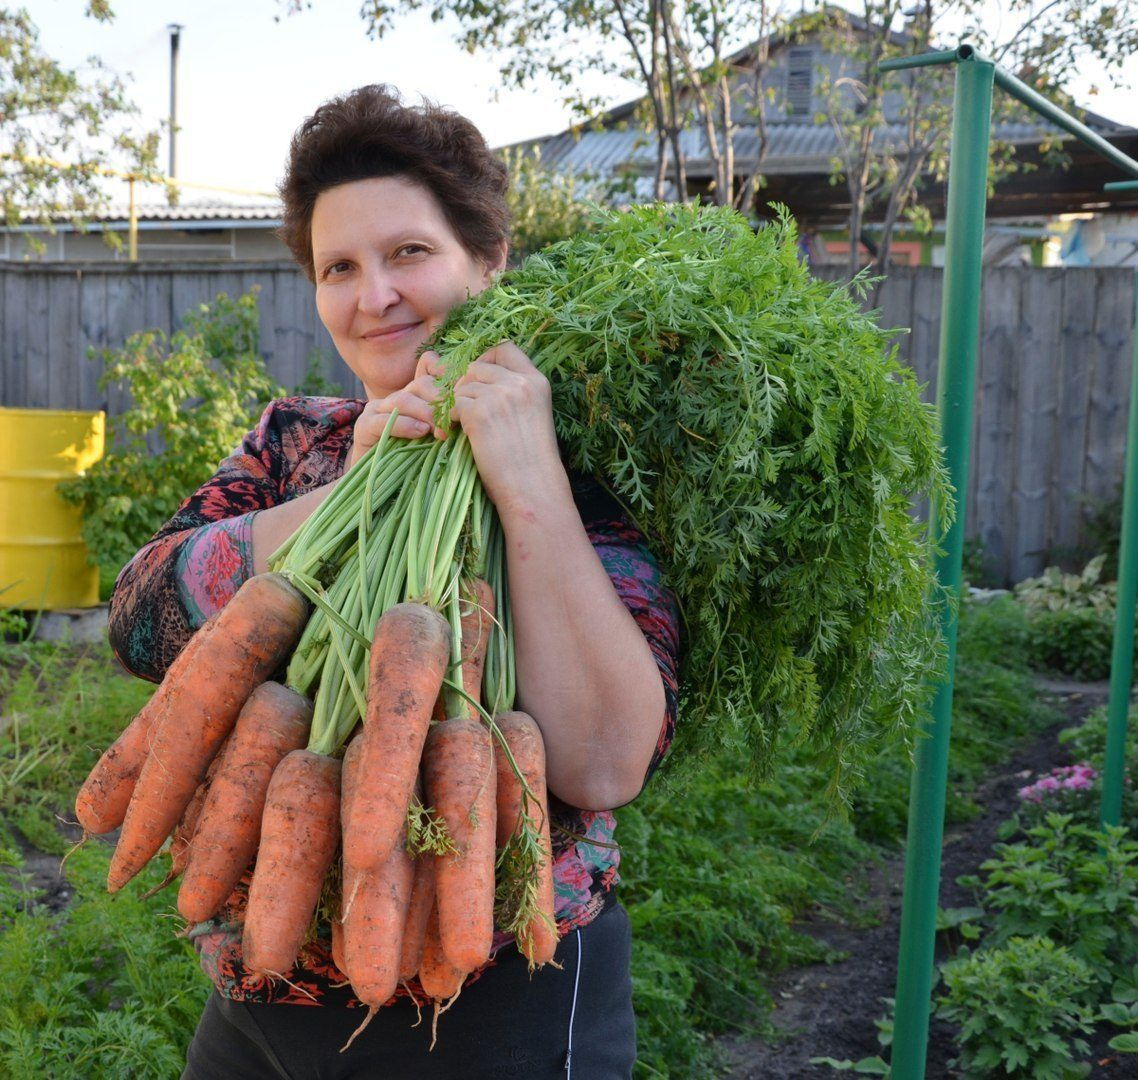 Хитрый способ посадки моркови без прореживания обеспечивающий хороший урожай